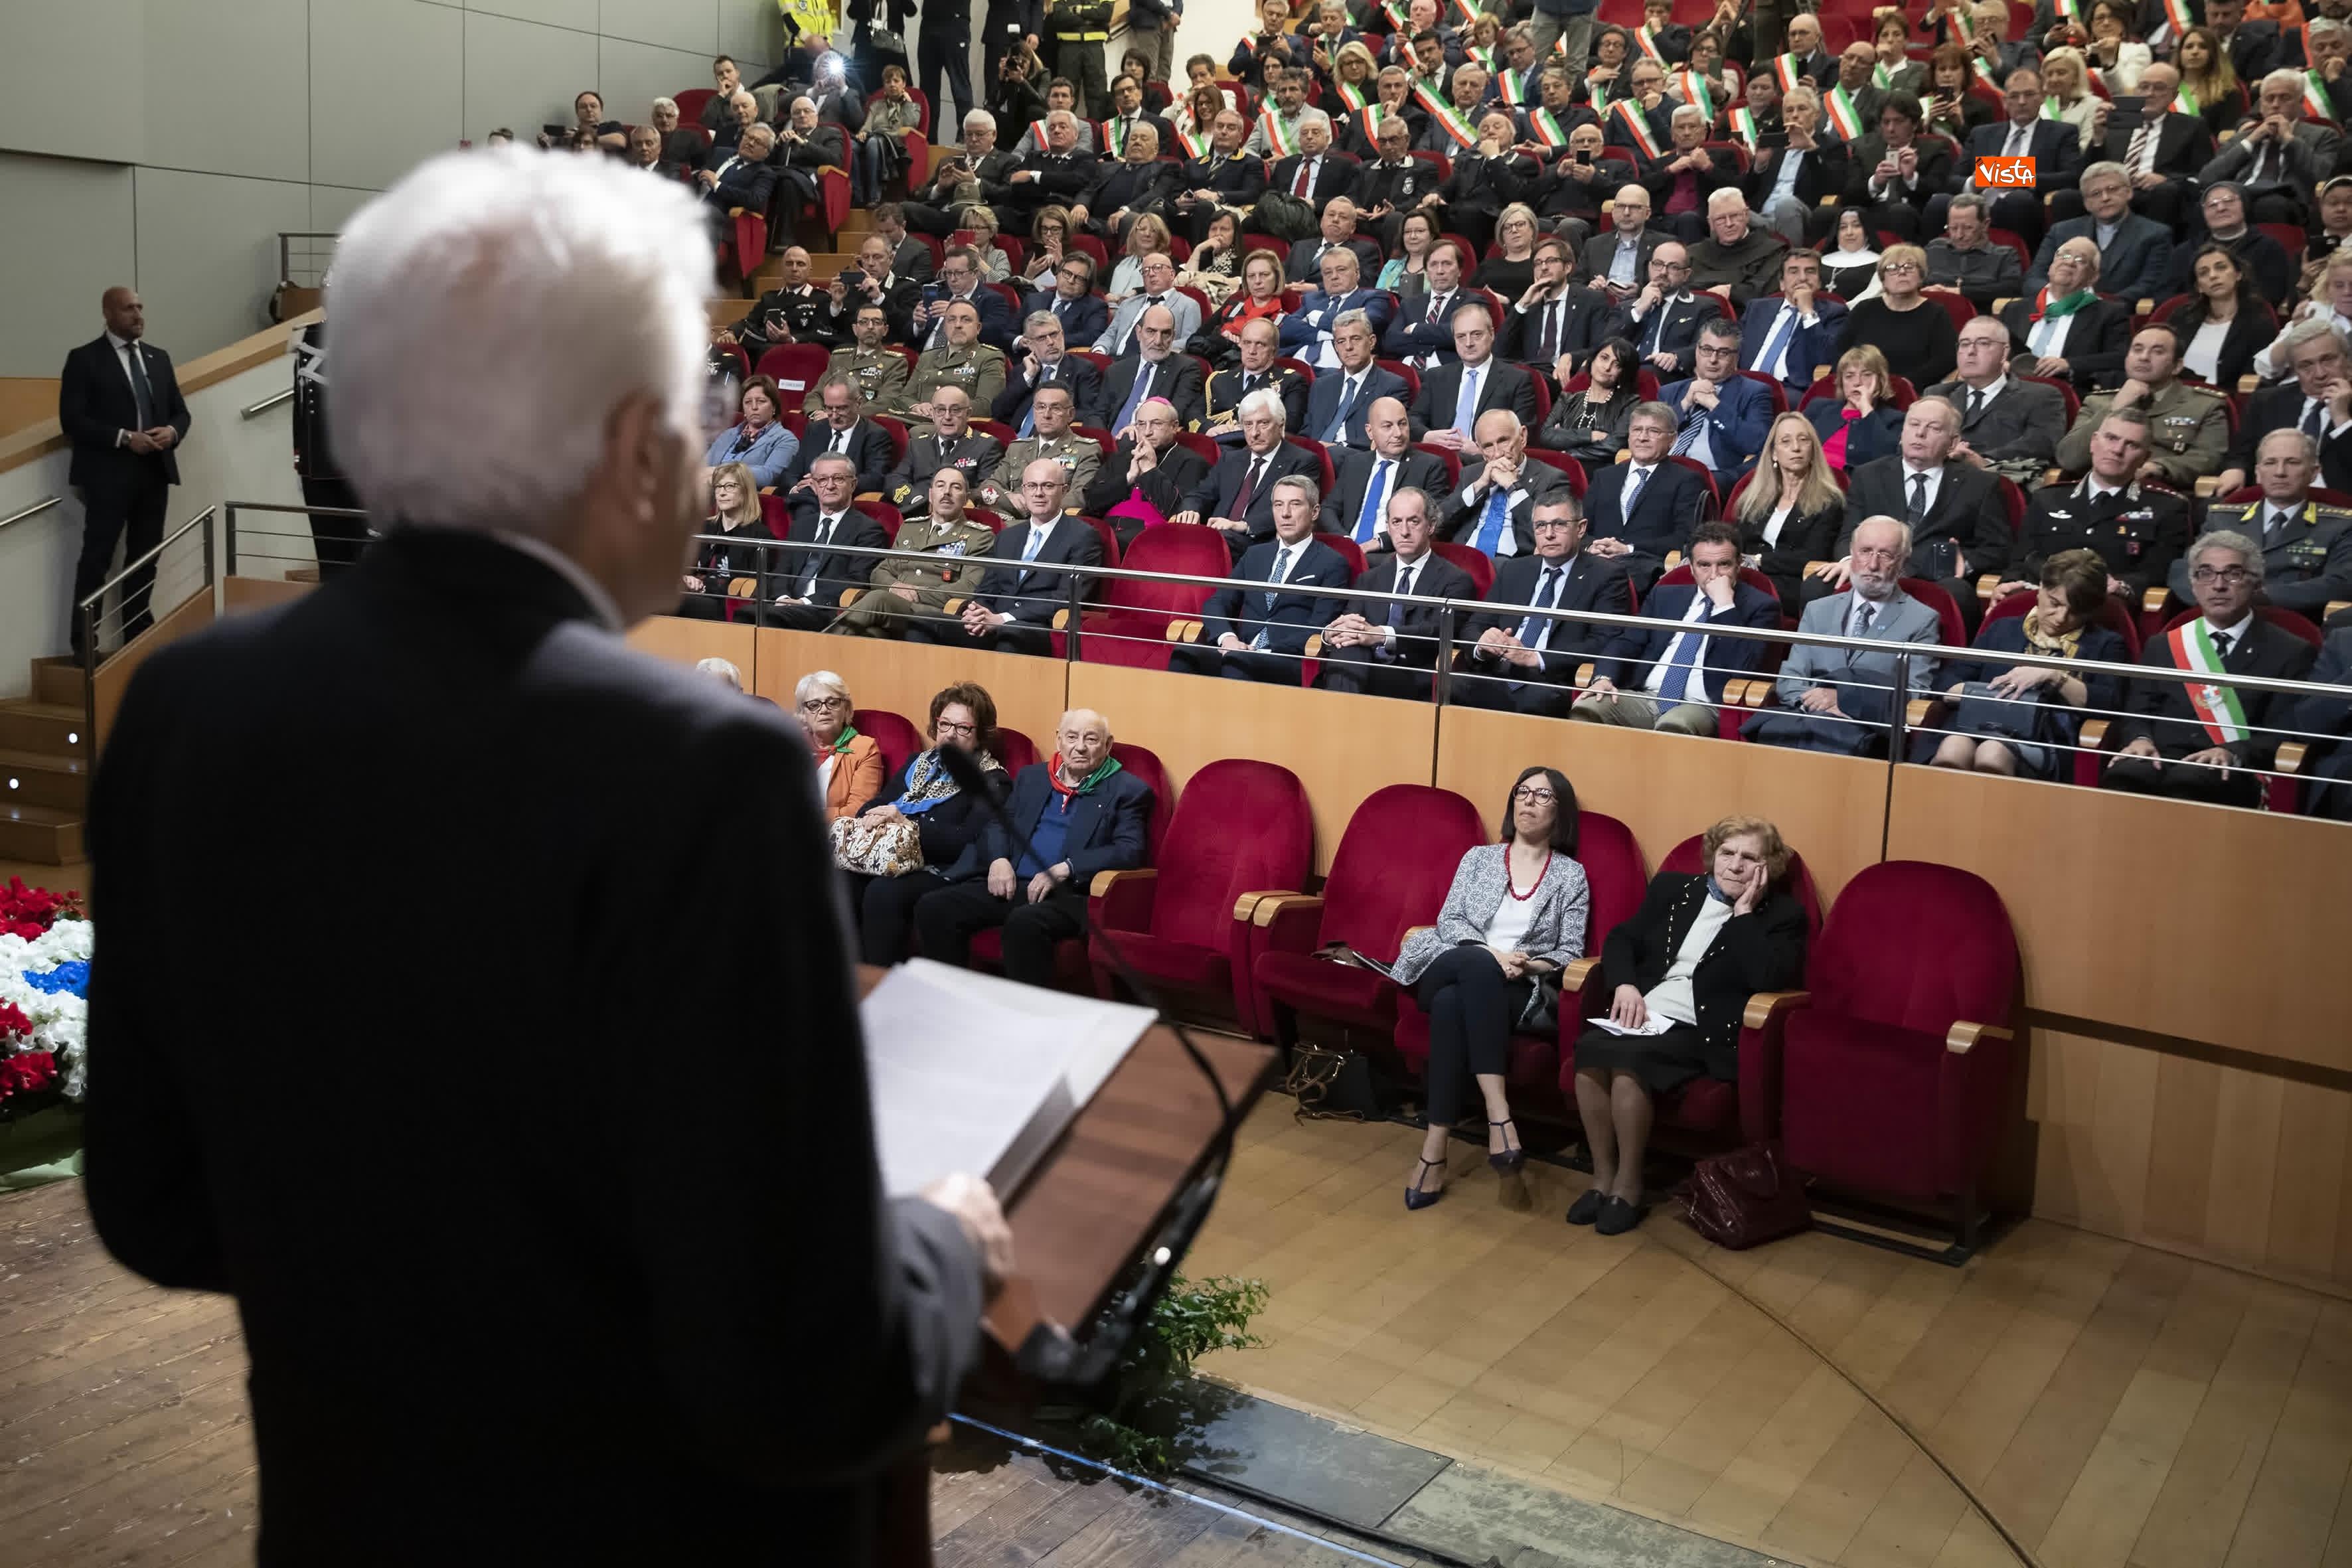 25-04-19 25 Aprile, Mattarella alla Cerimonia in occasione del 74 Anniversario della Liberazione a Vittorio Veneto_09